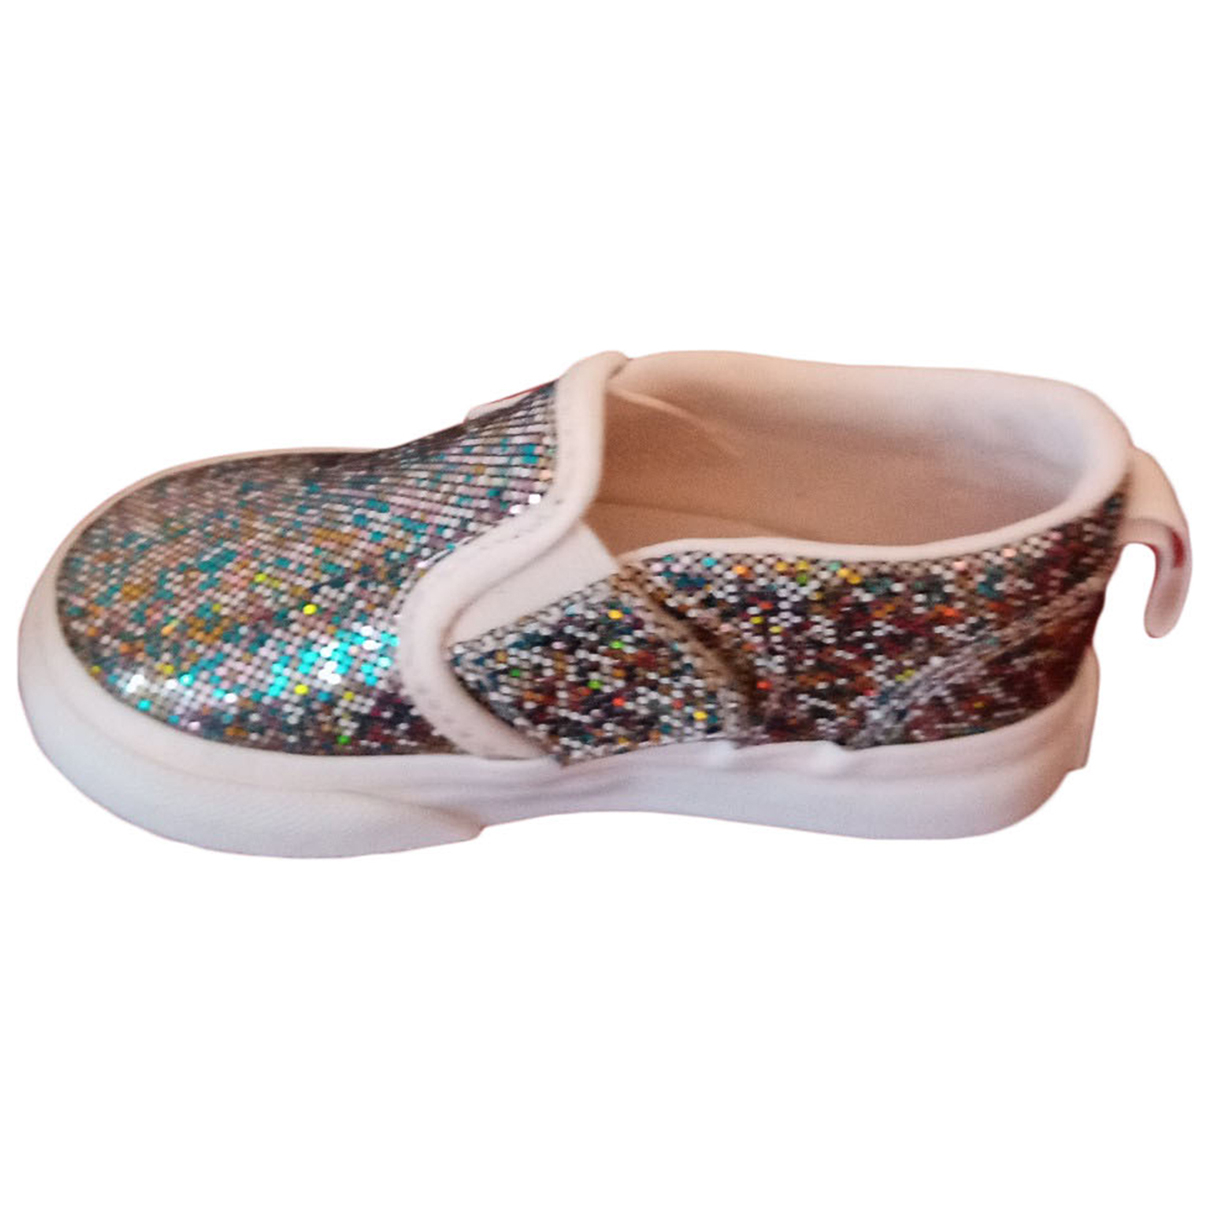 Vans - Baskets   pour enfant en a paillettes - multicolore